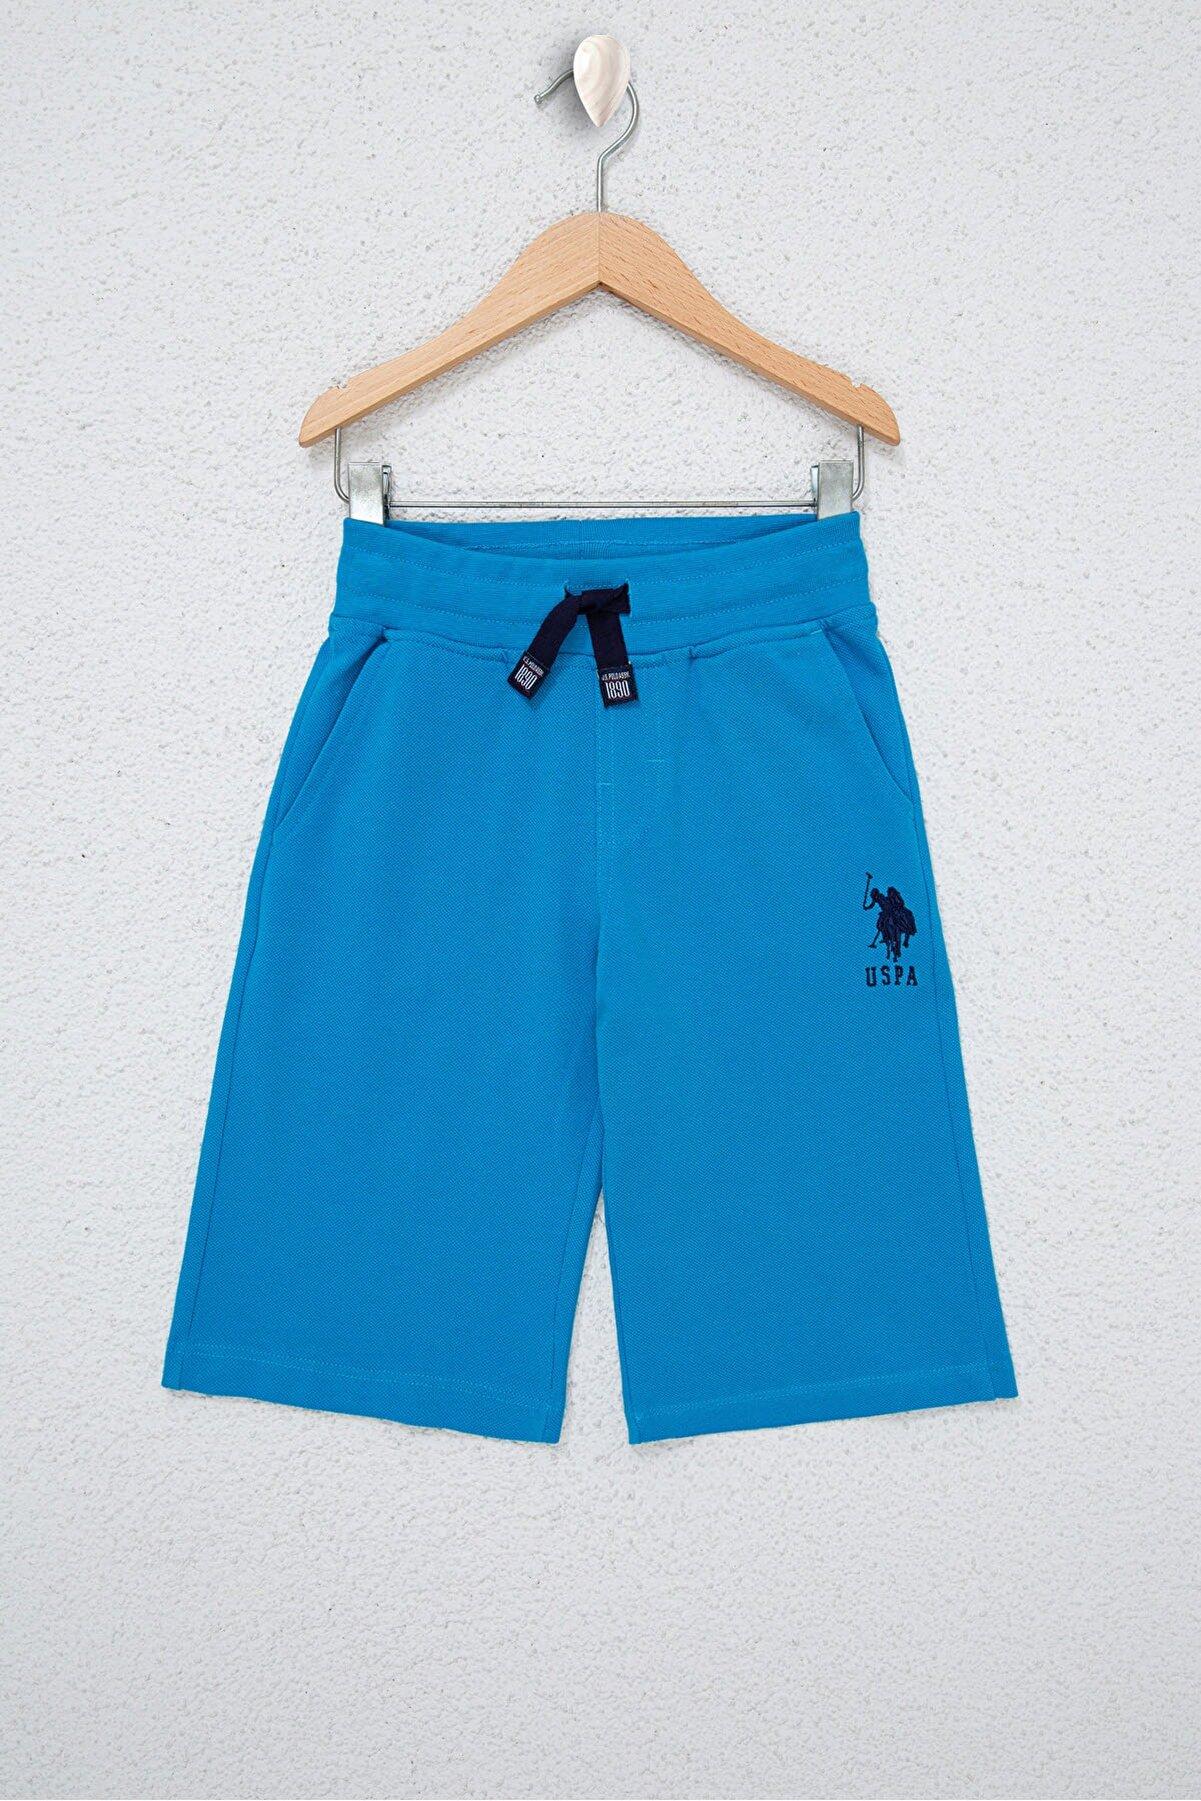 US Polo Assn Mavı Erkek Çocuk Şort & Bermuda